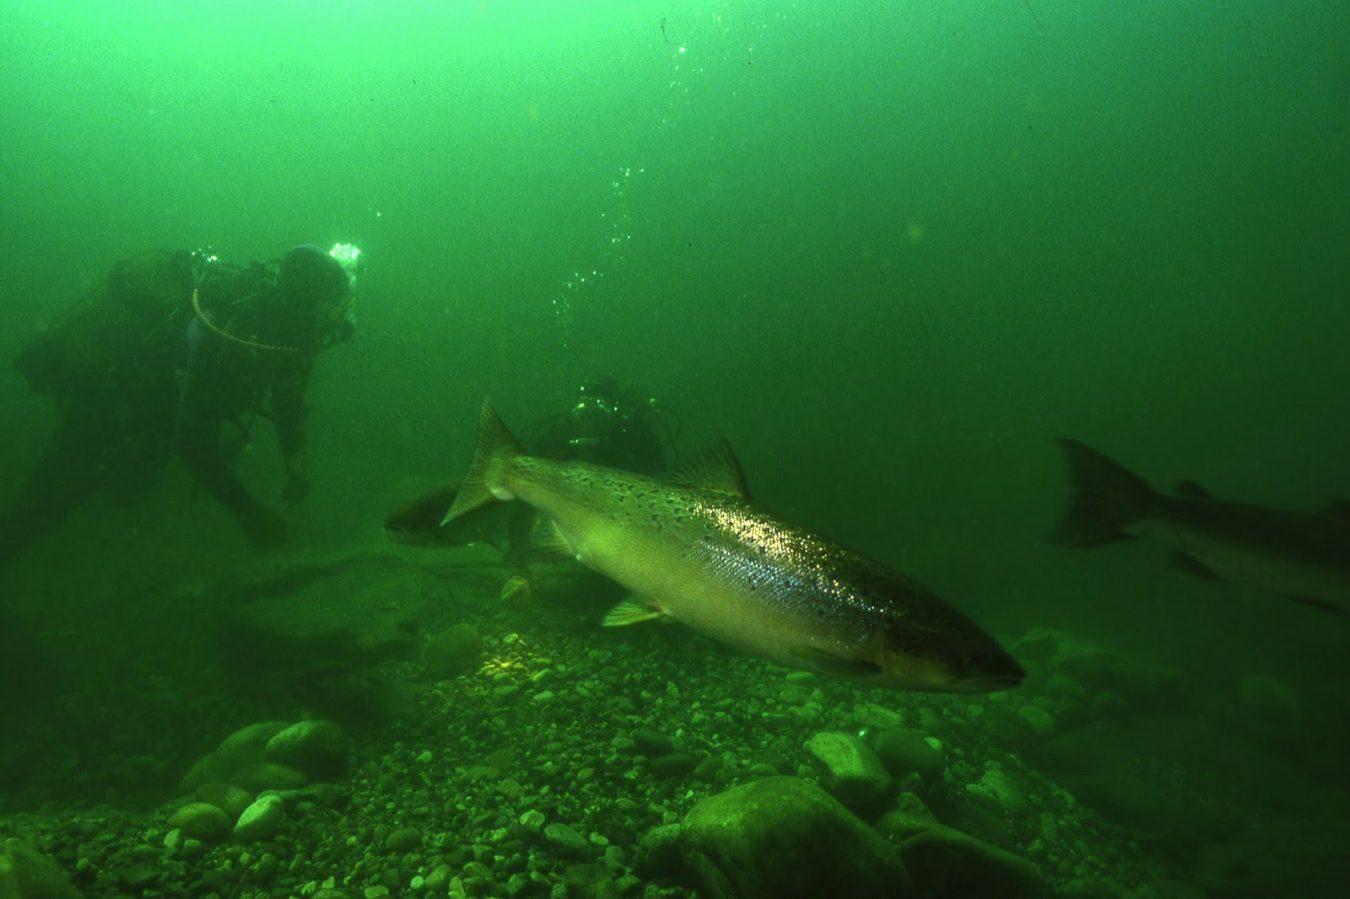 Alertan sobre la proliferación de depredadores marinos en el río Sella que atacan salmones, esguines y truchas